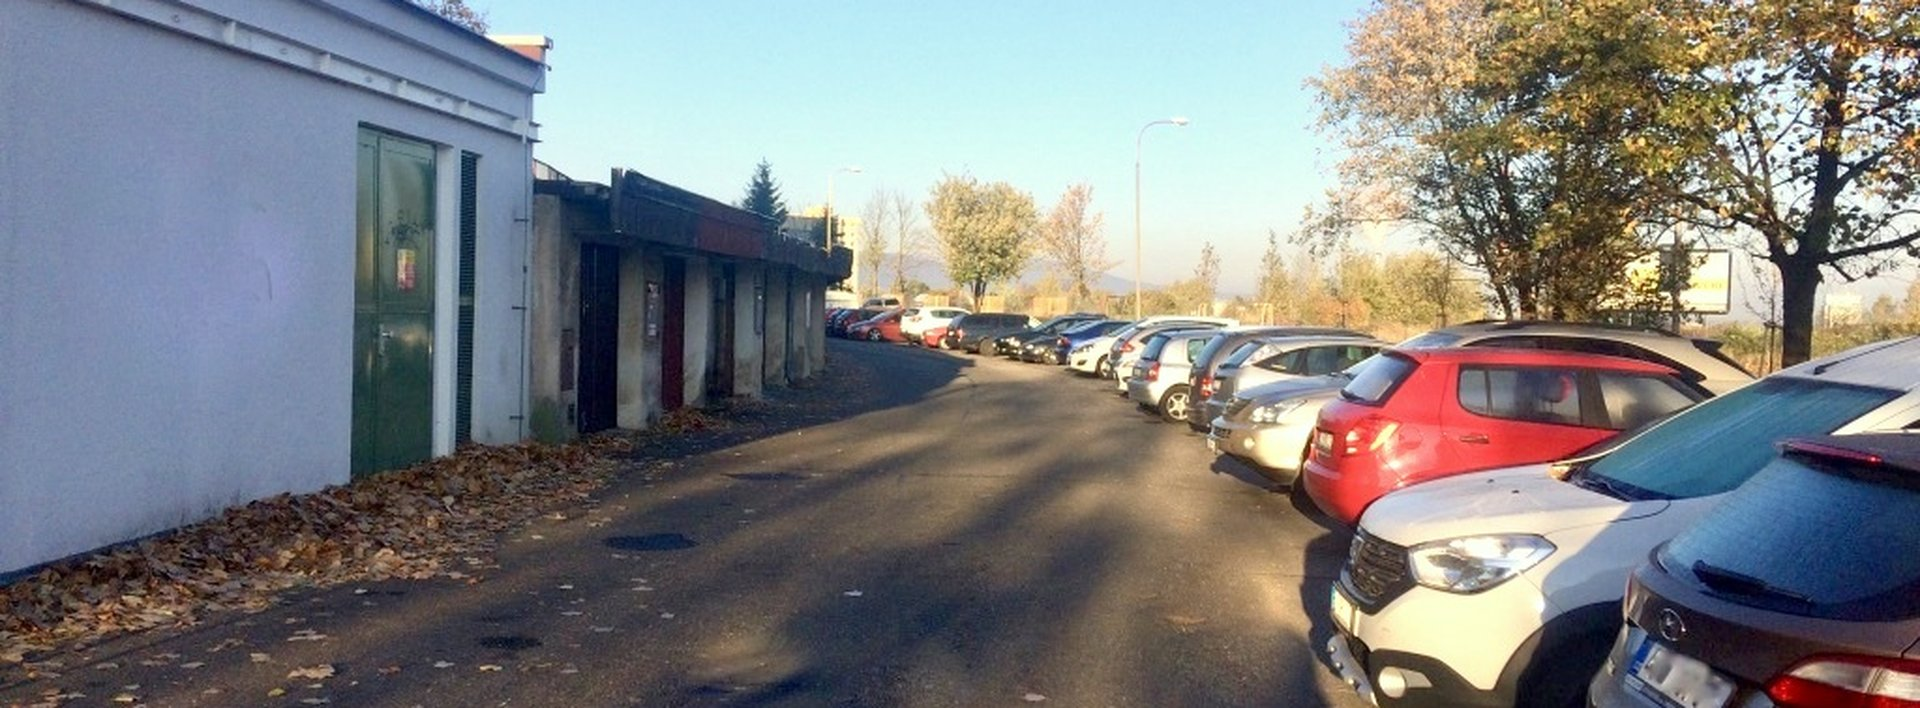 Pronájem garáže, 20 m² - Liberec VI-Rochlice, ul. Dobiášova, Ev.č.: N48621